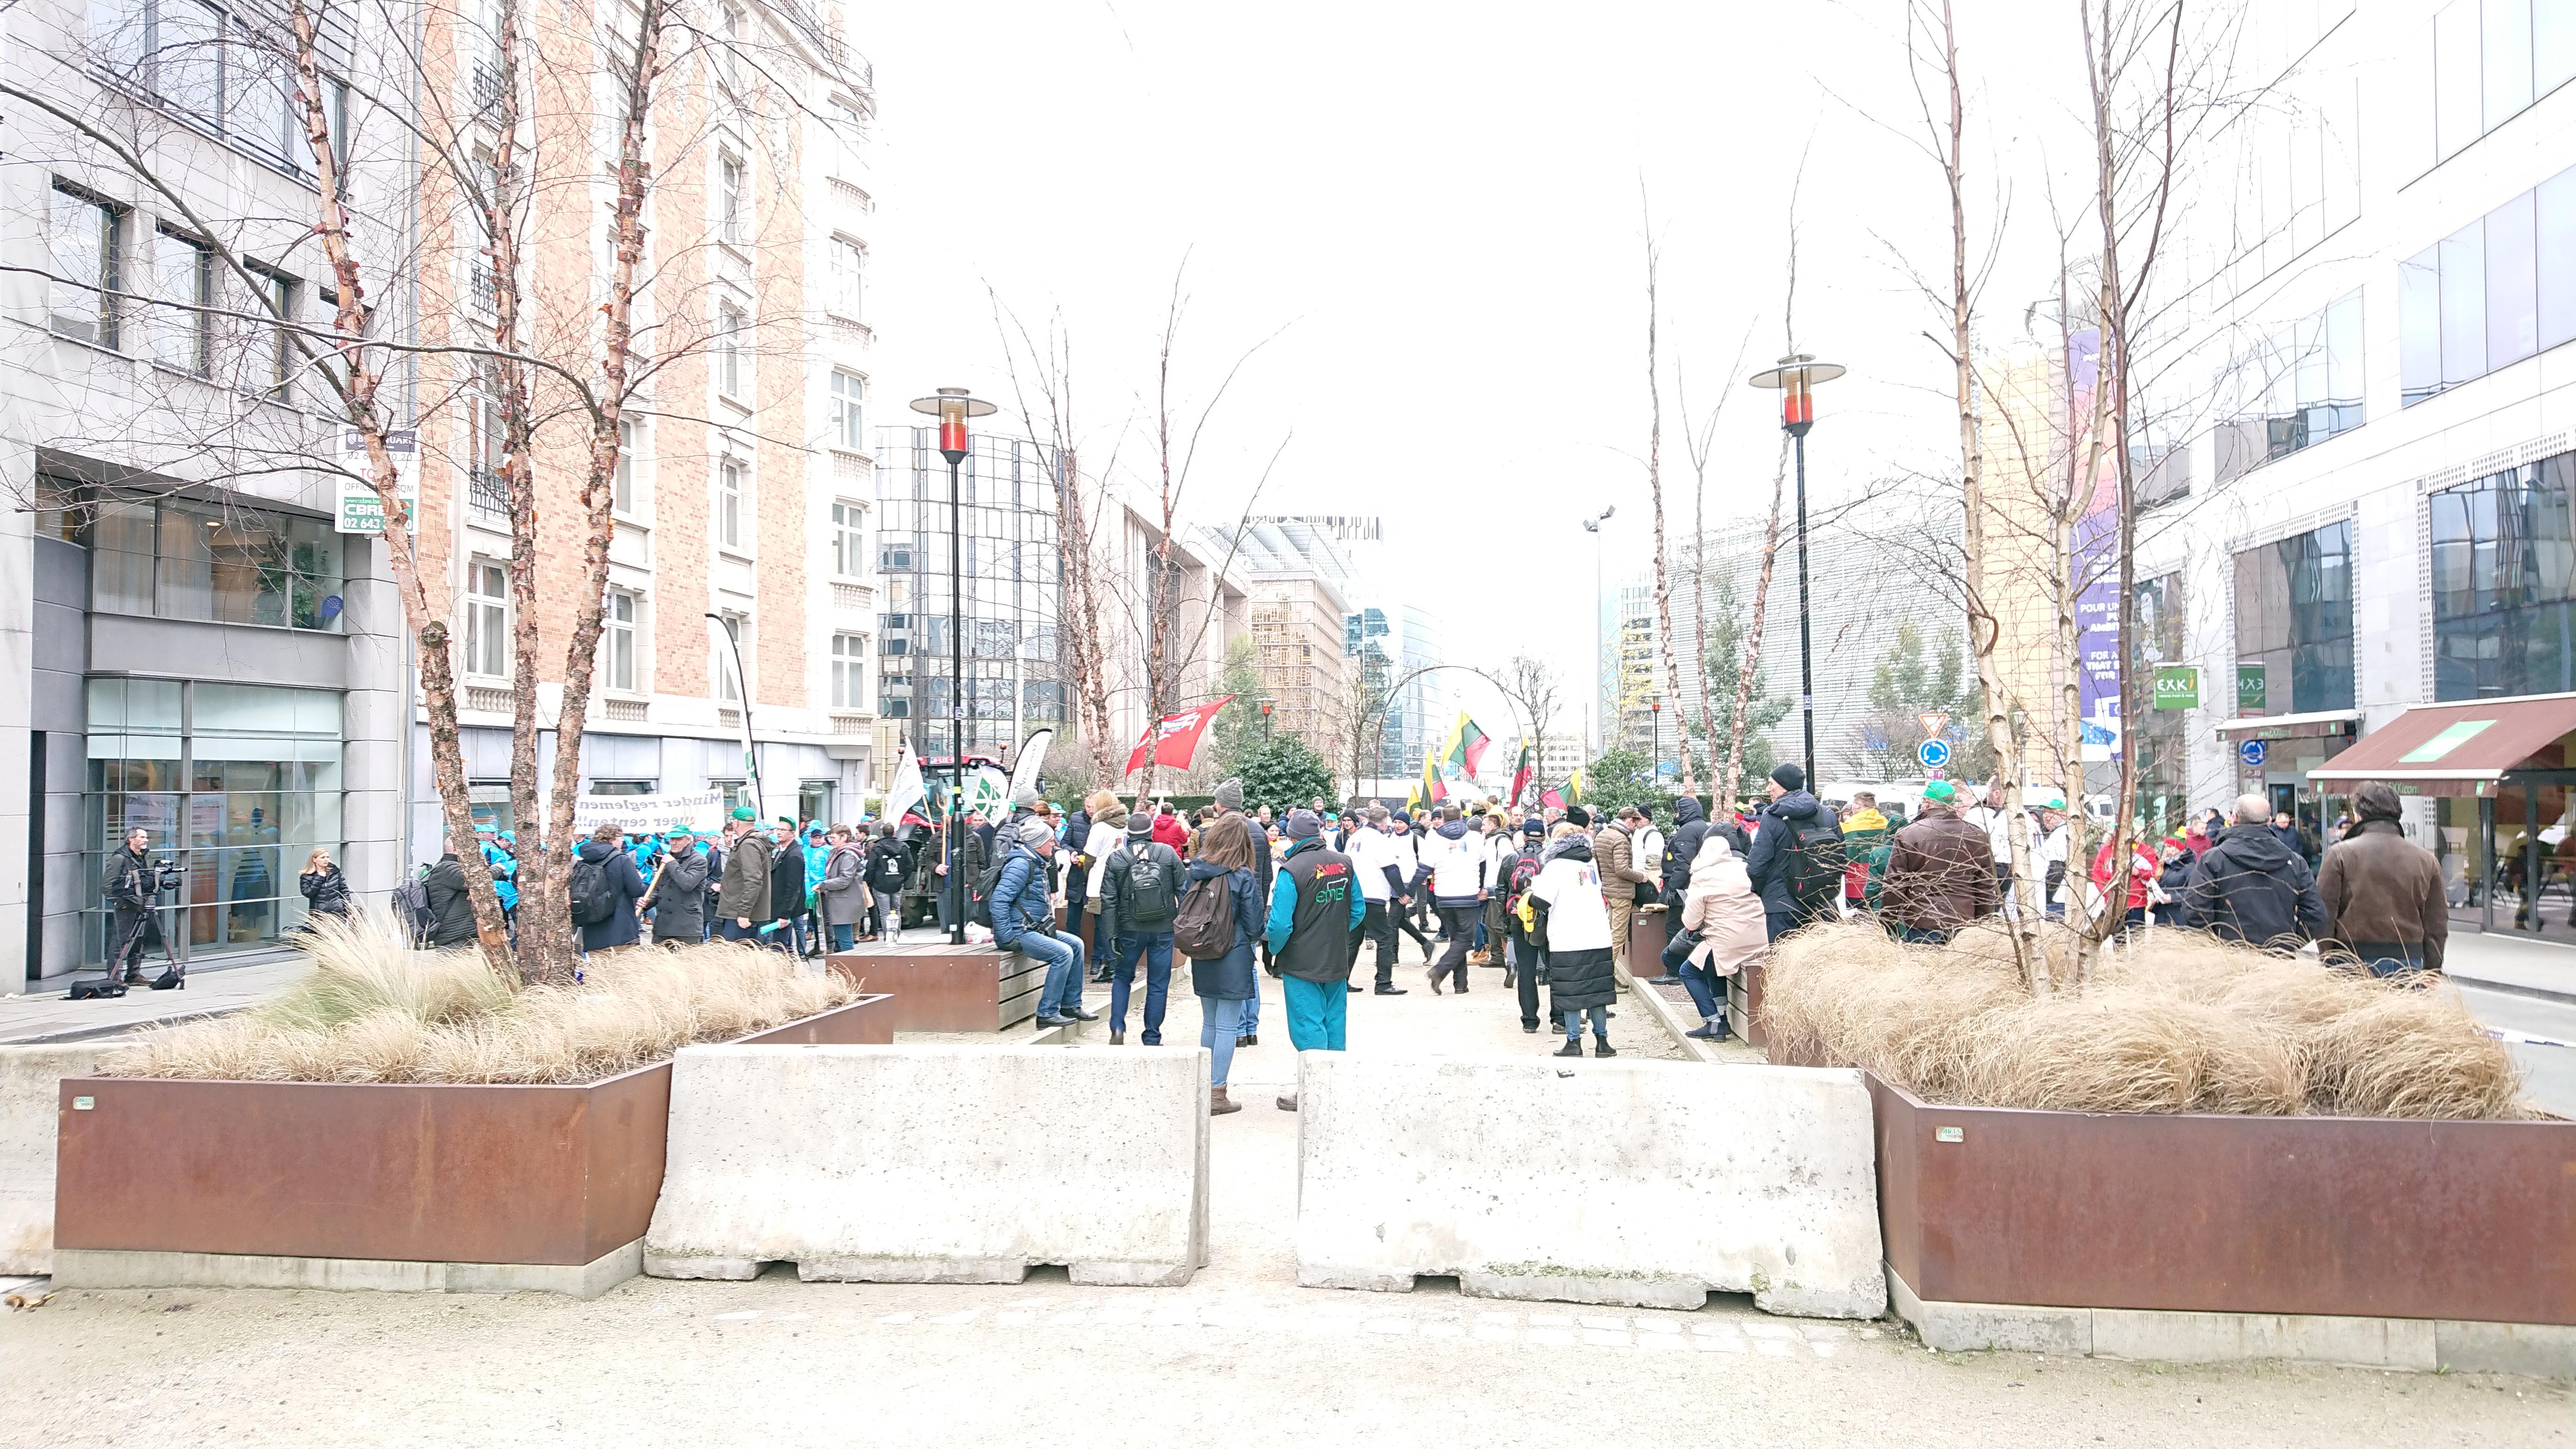 Bruksela protest 20.02.20 3